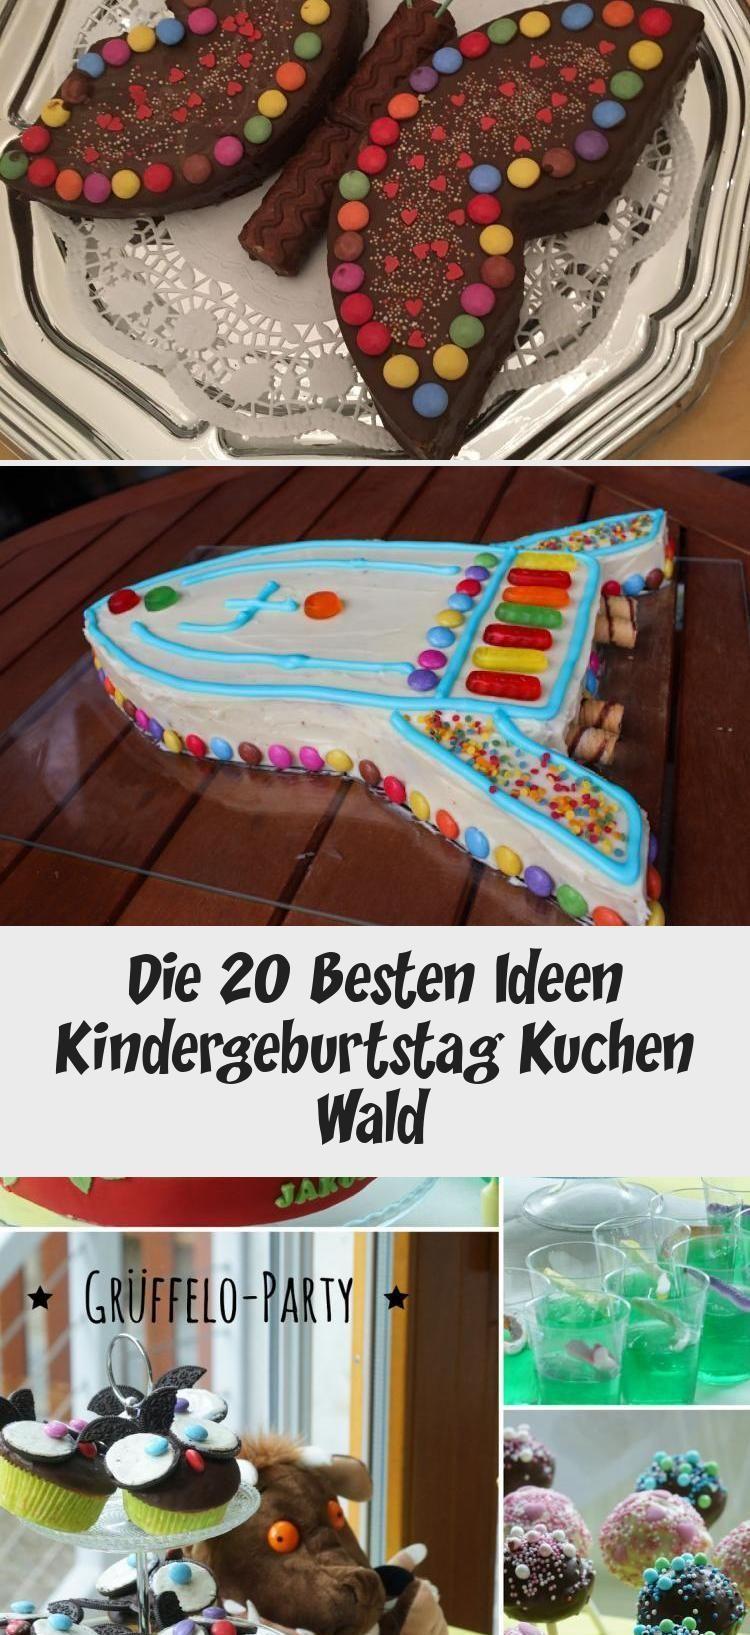 Photo of .Die 20 Besten Ideen Kindergeburtstag Kuchen Wald #PinataKuchenEinfach #PinataKu…